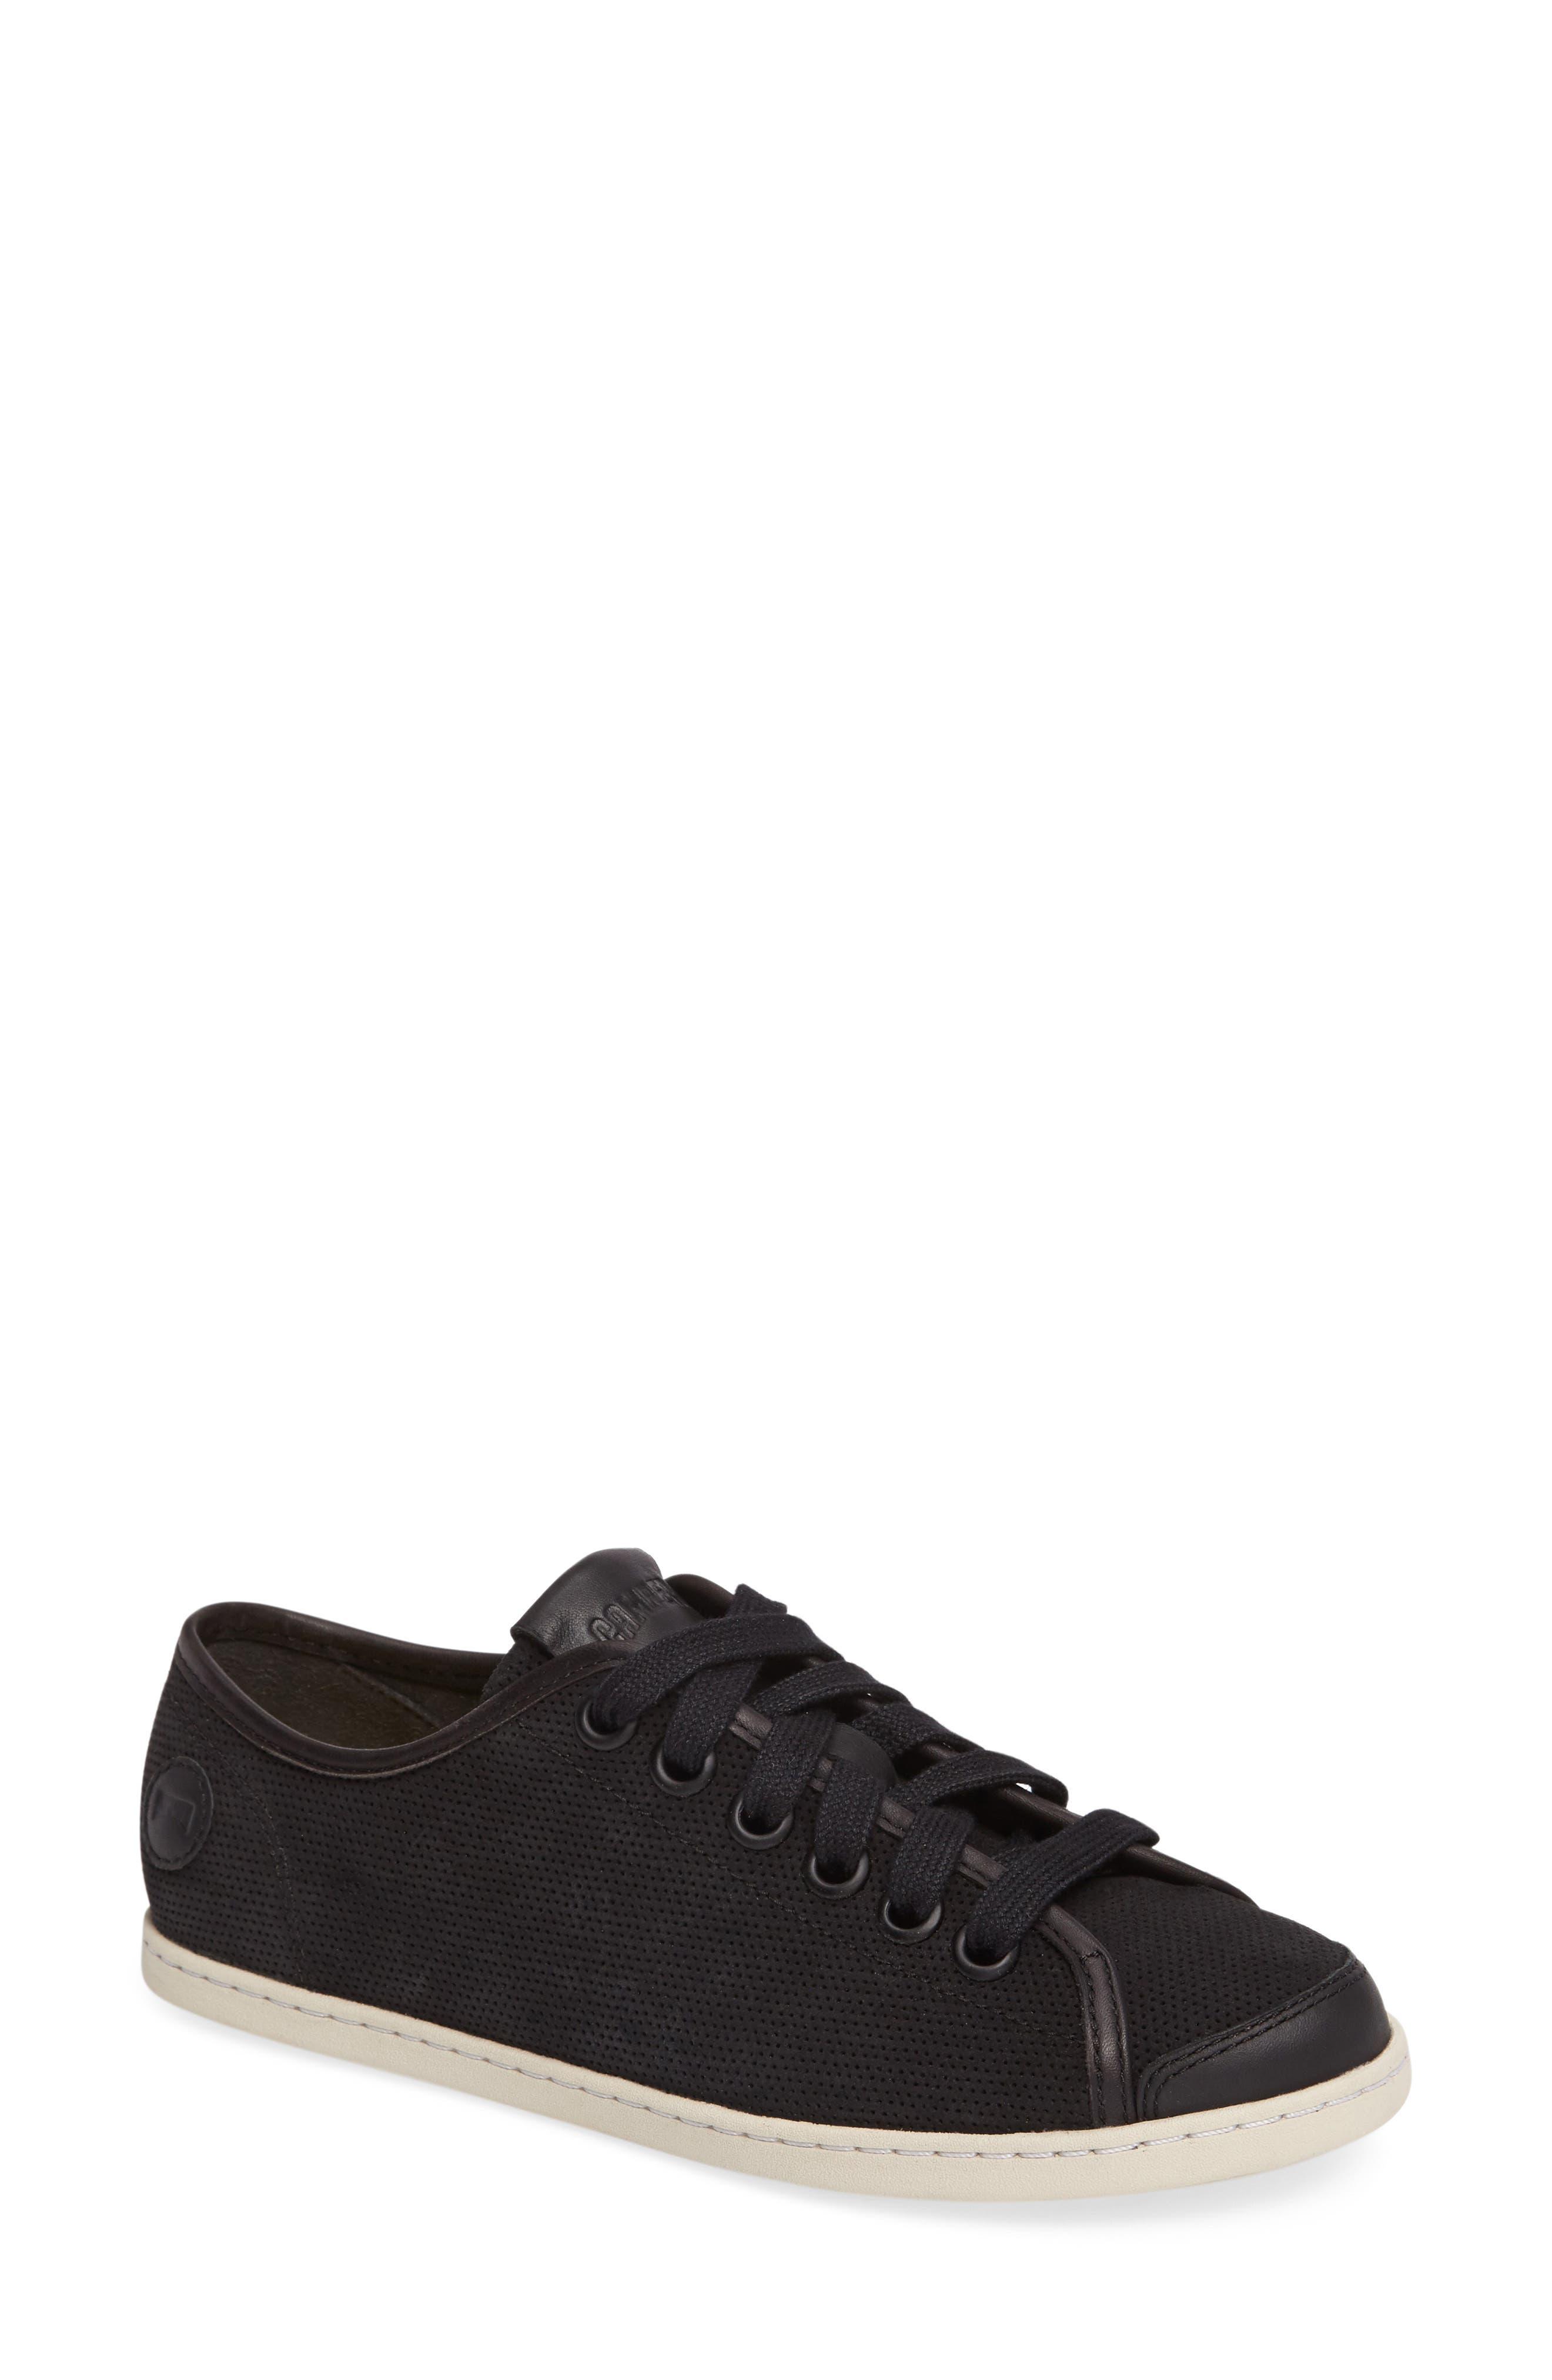 Uno Low Top Sneaker,                         Main,                         color, 001